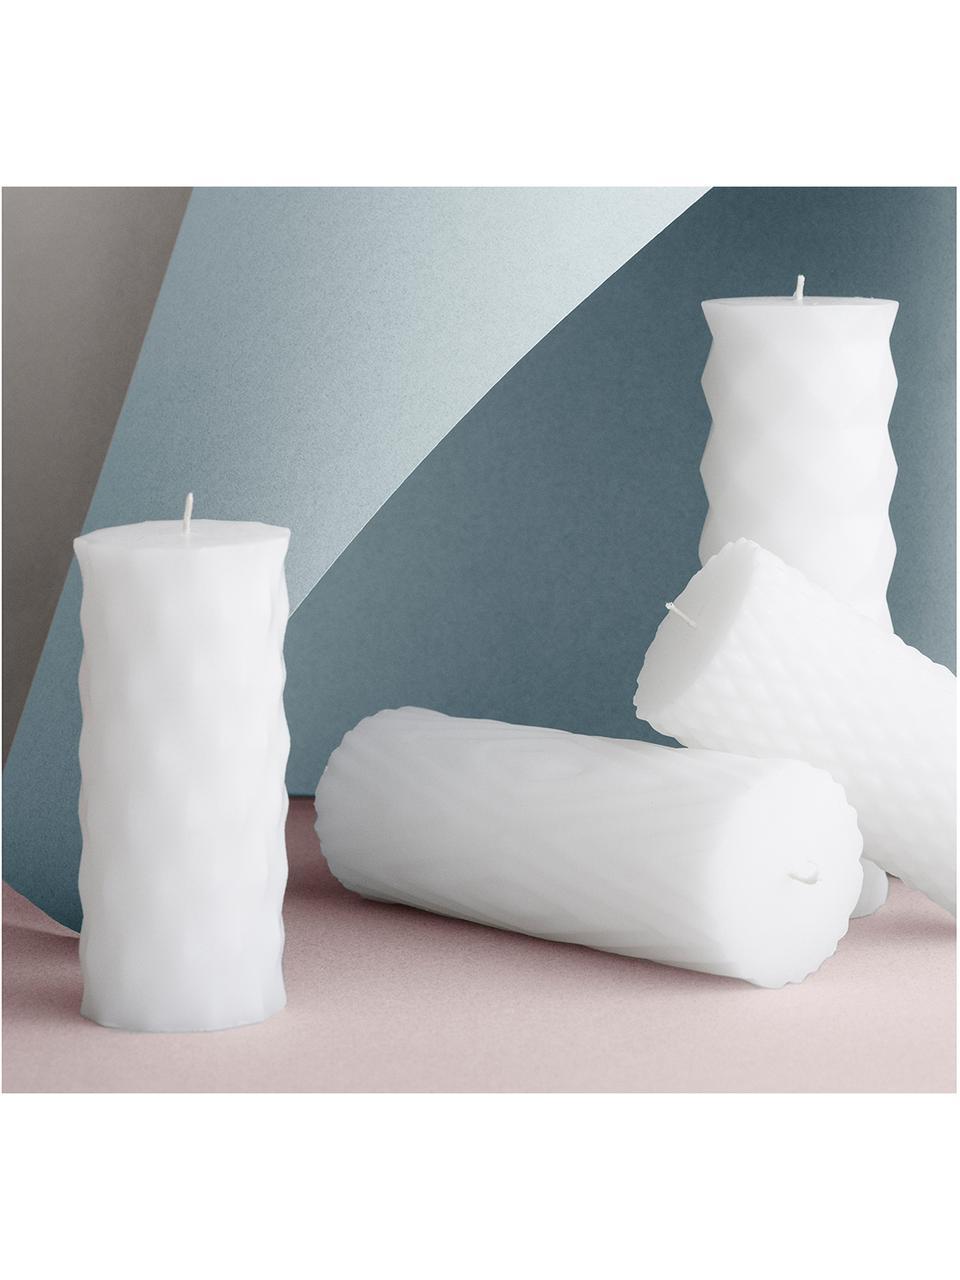 Set candele cilindriche Mix Rhomb, 6 pz, 95% paraffina, 5% cera di soia, Bianco, Ø 7 x A 14 cm